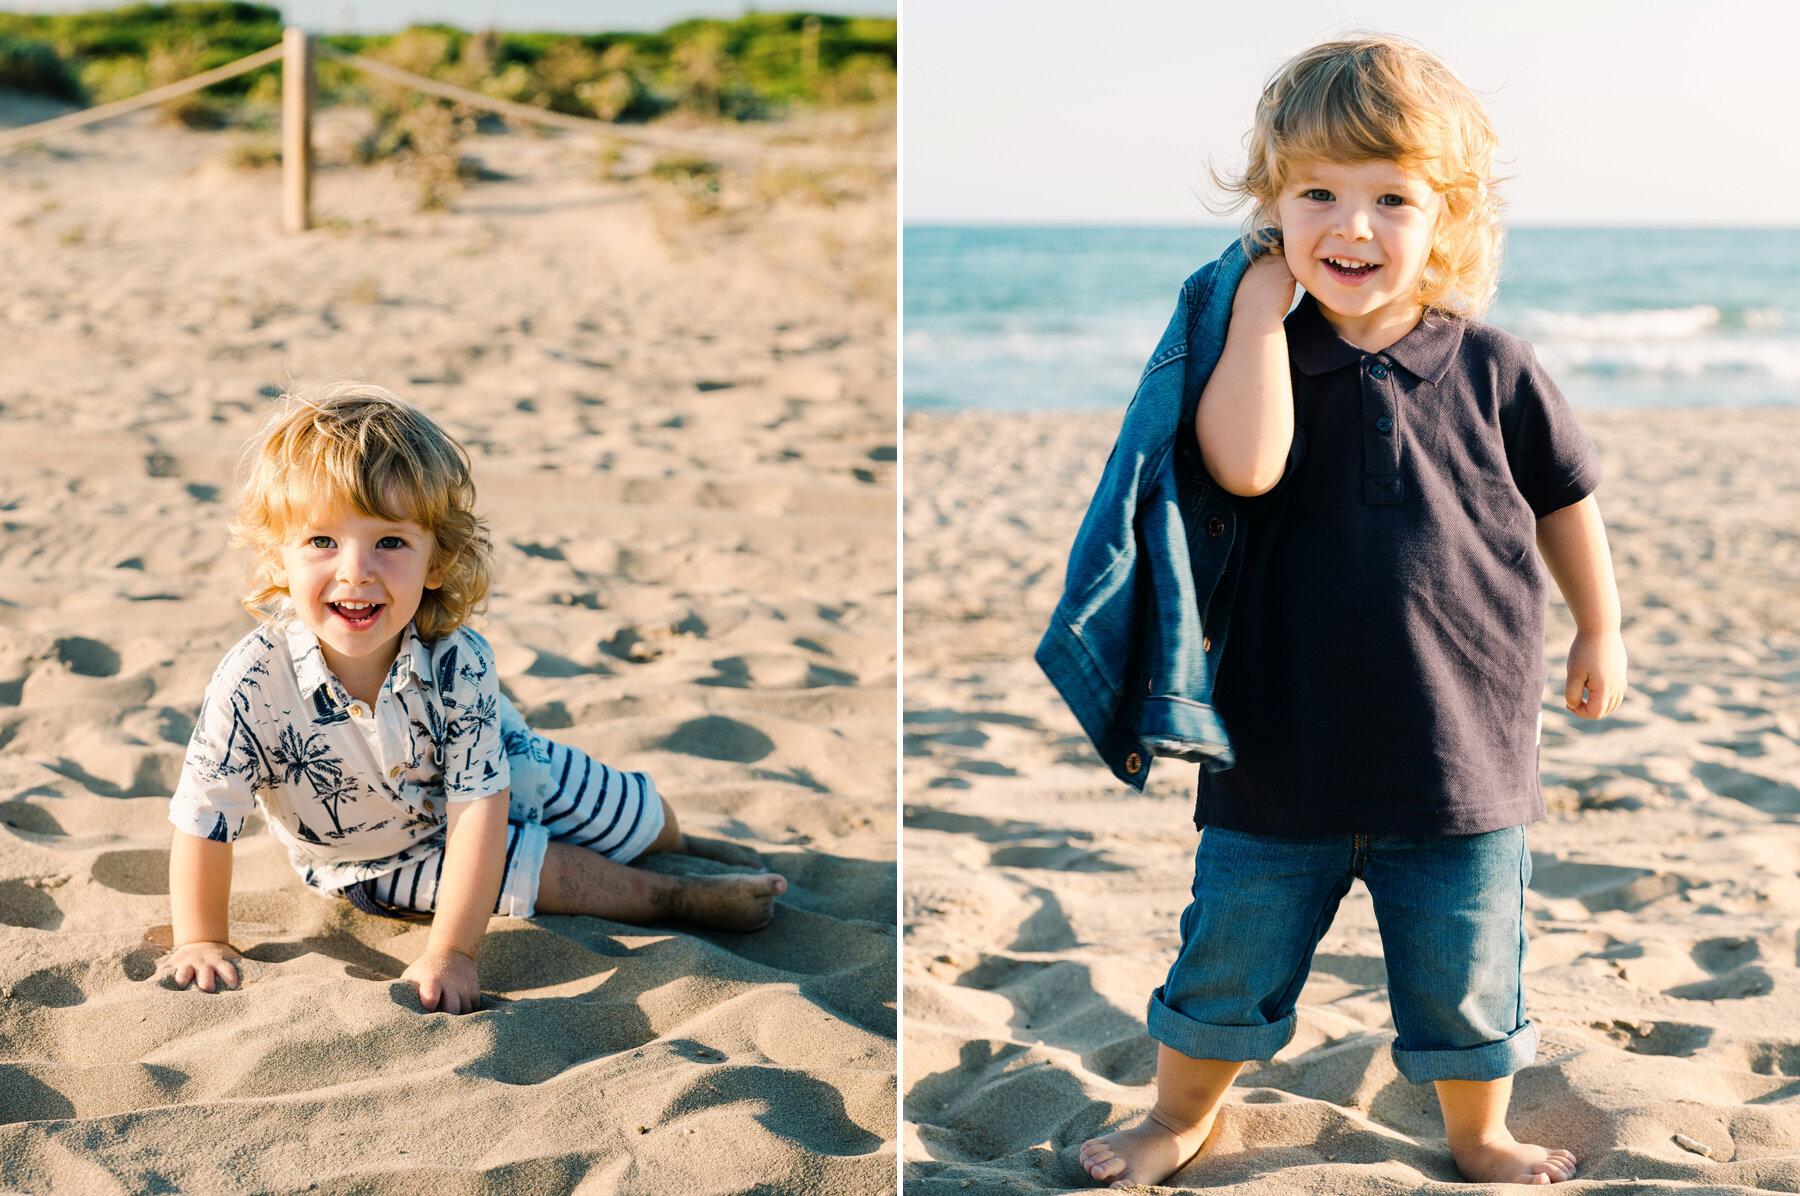 fotografia-infantil0008.jpg